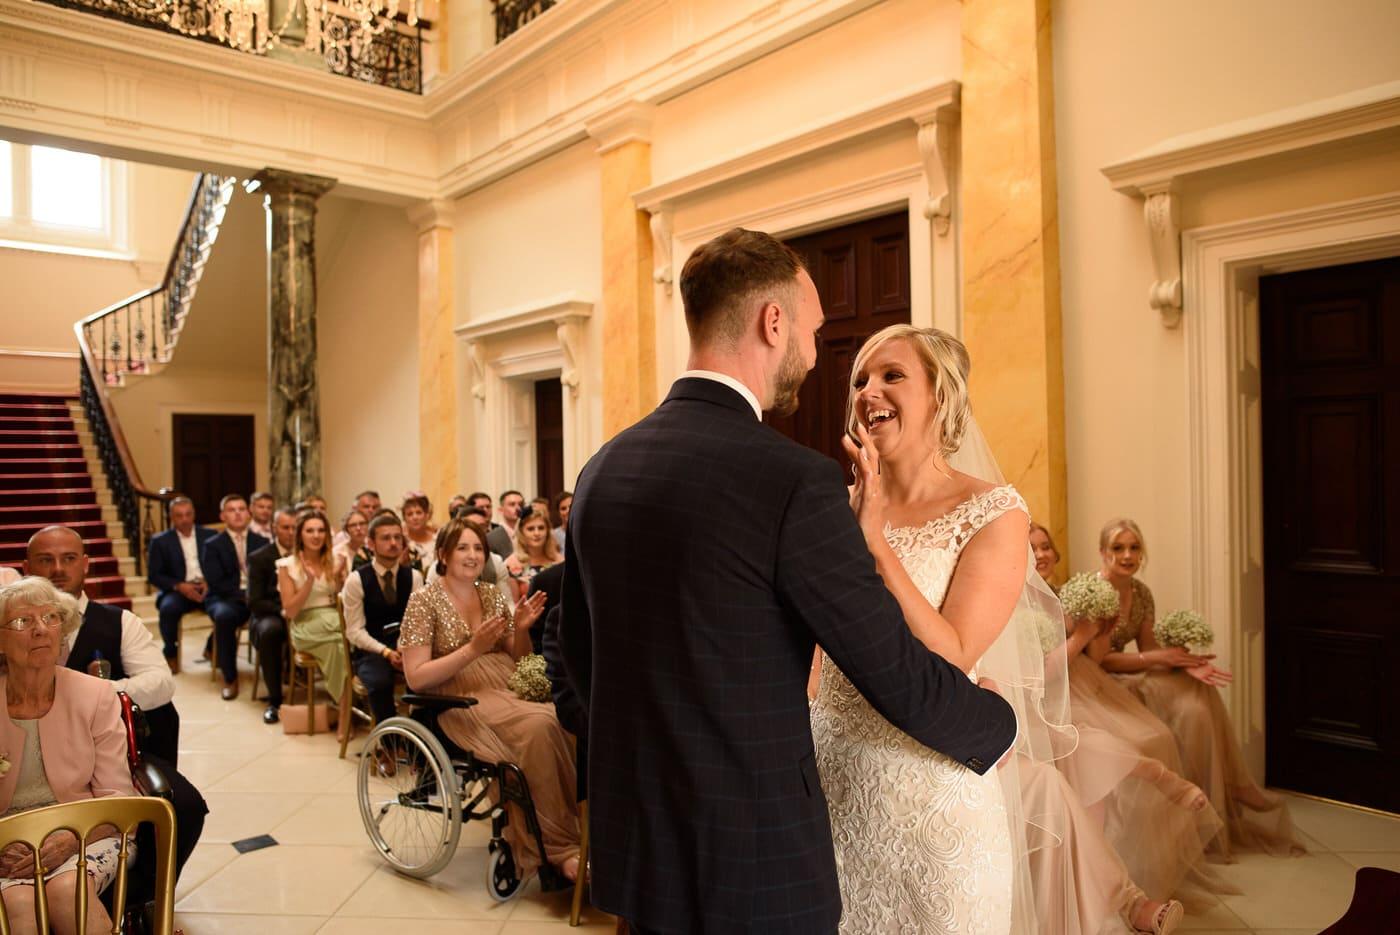 NETLEY HALL WEDDING PHOTOGRAPHER 1304